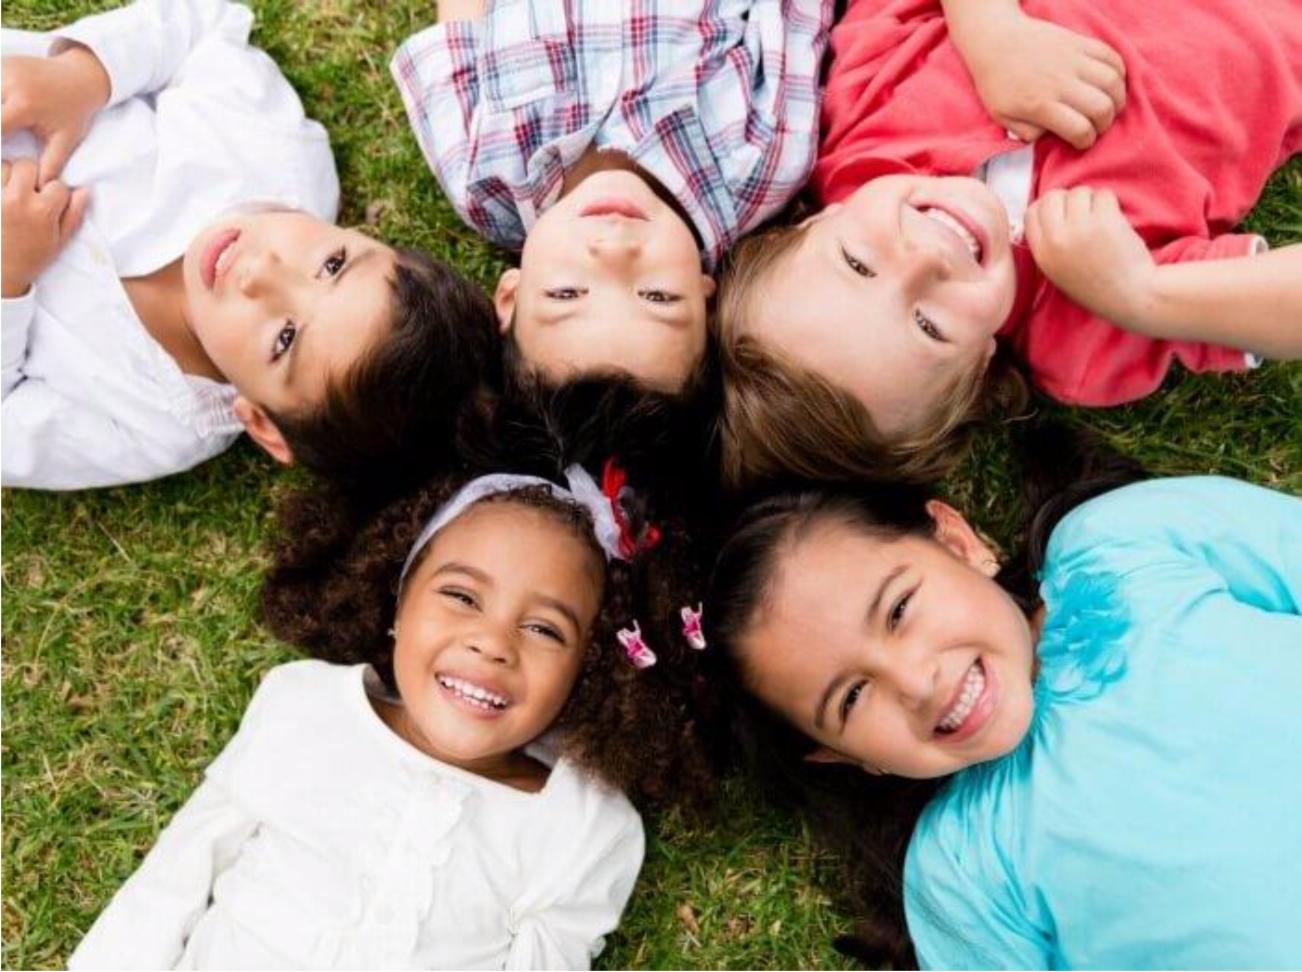 Il Dott. Daniele Parrello risponde alle DOMANDE più frequenti dei genitori sulla SALUTE DENTALE dei bambini!